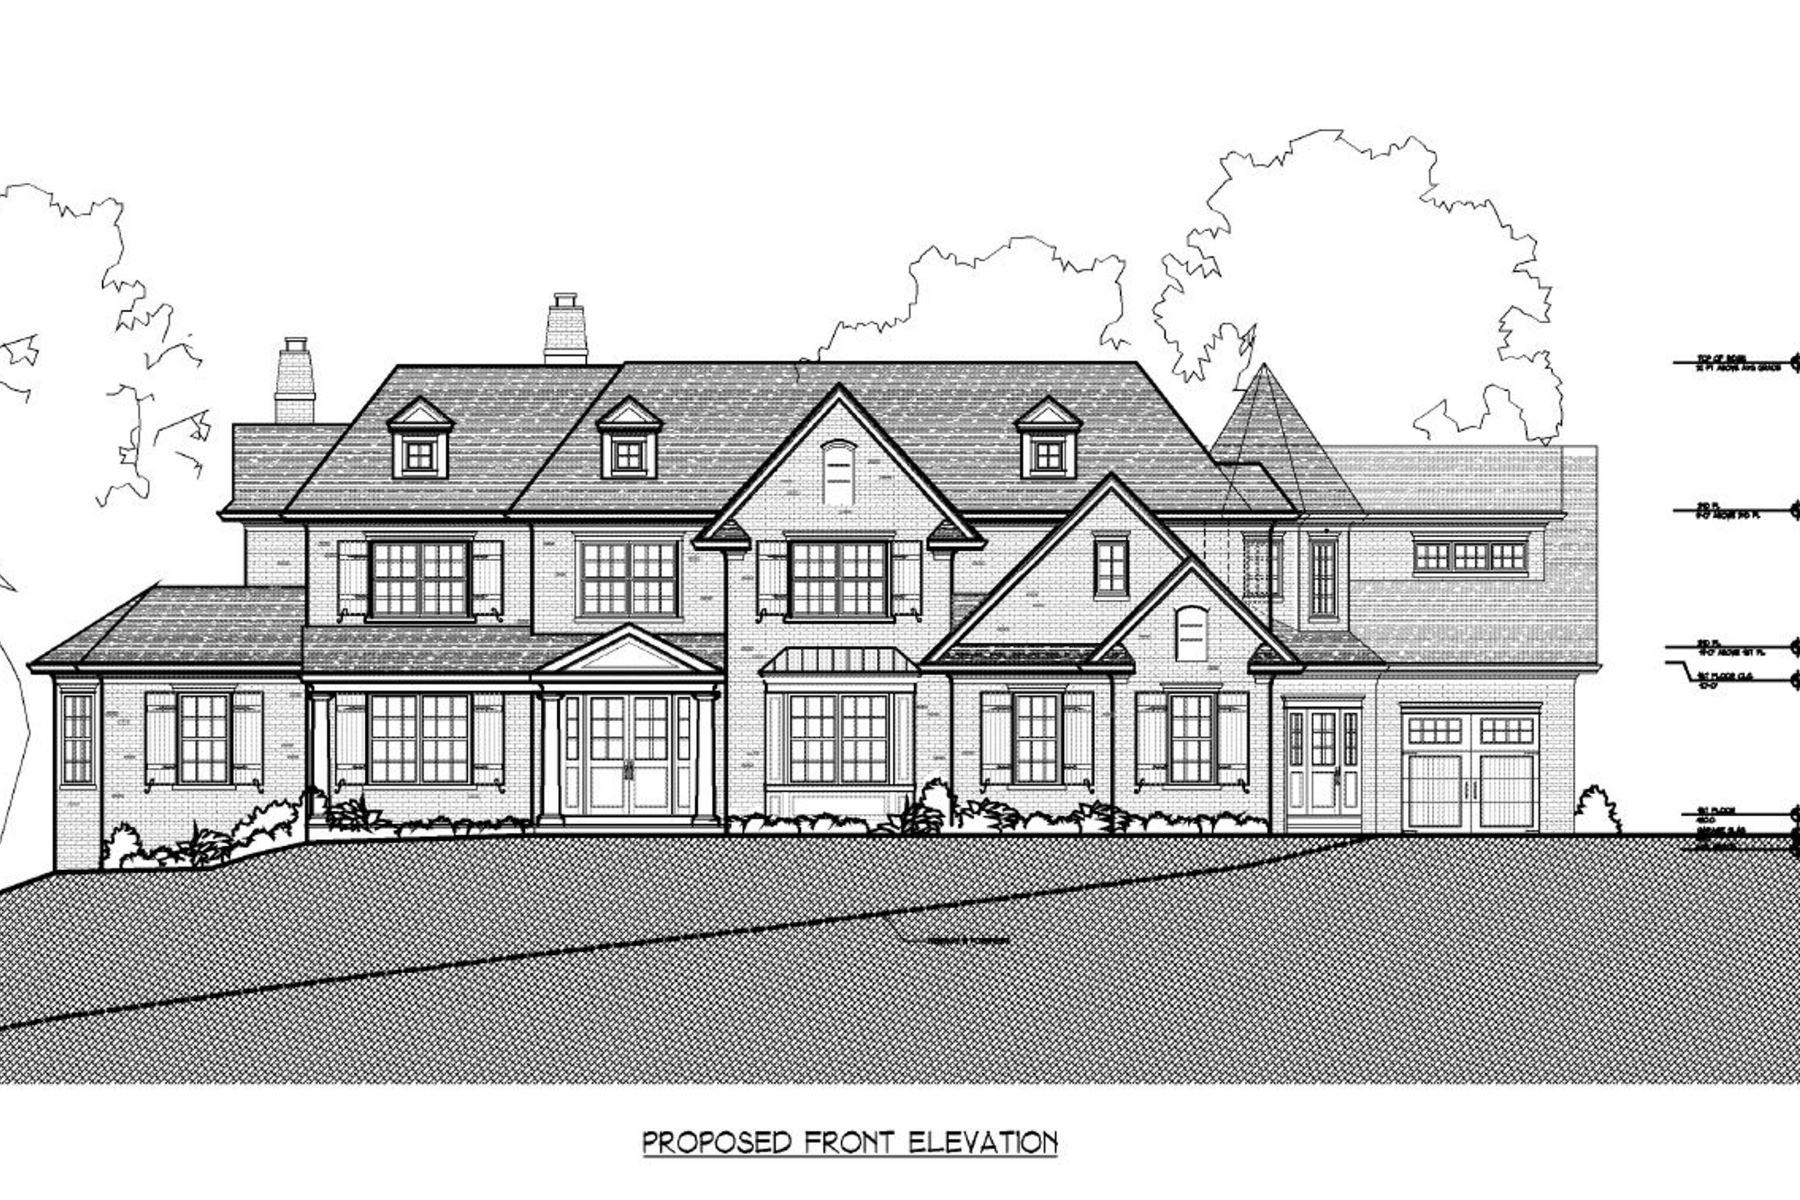 独户住宅 为 销售 在 The Madison 2 Falcon Point Drive 北考德维尔, 新泽西州, 07006 美国